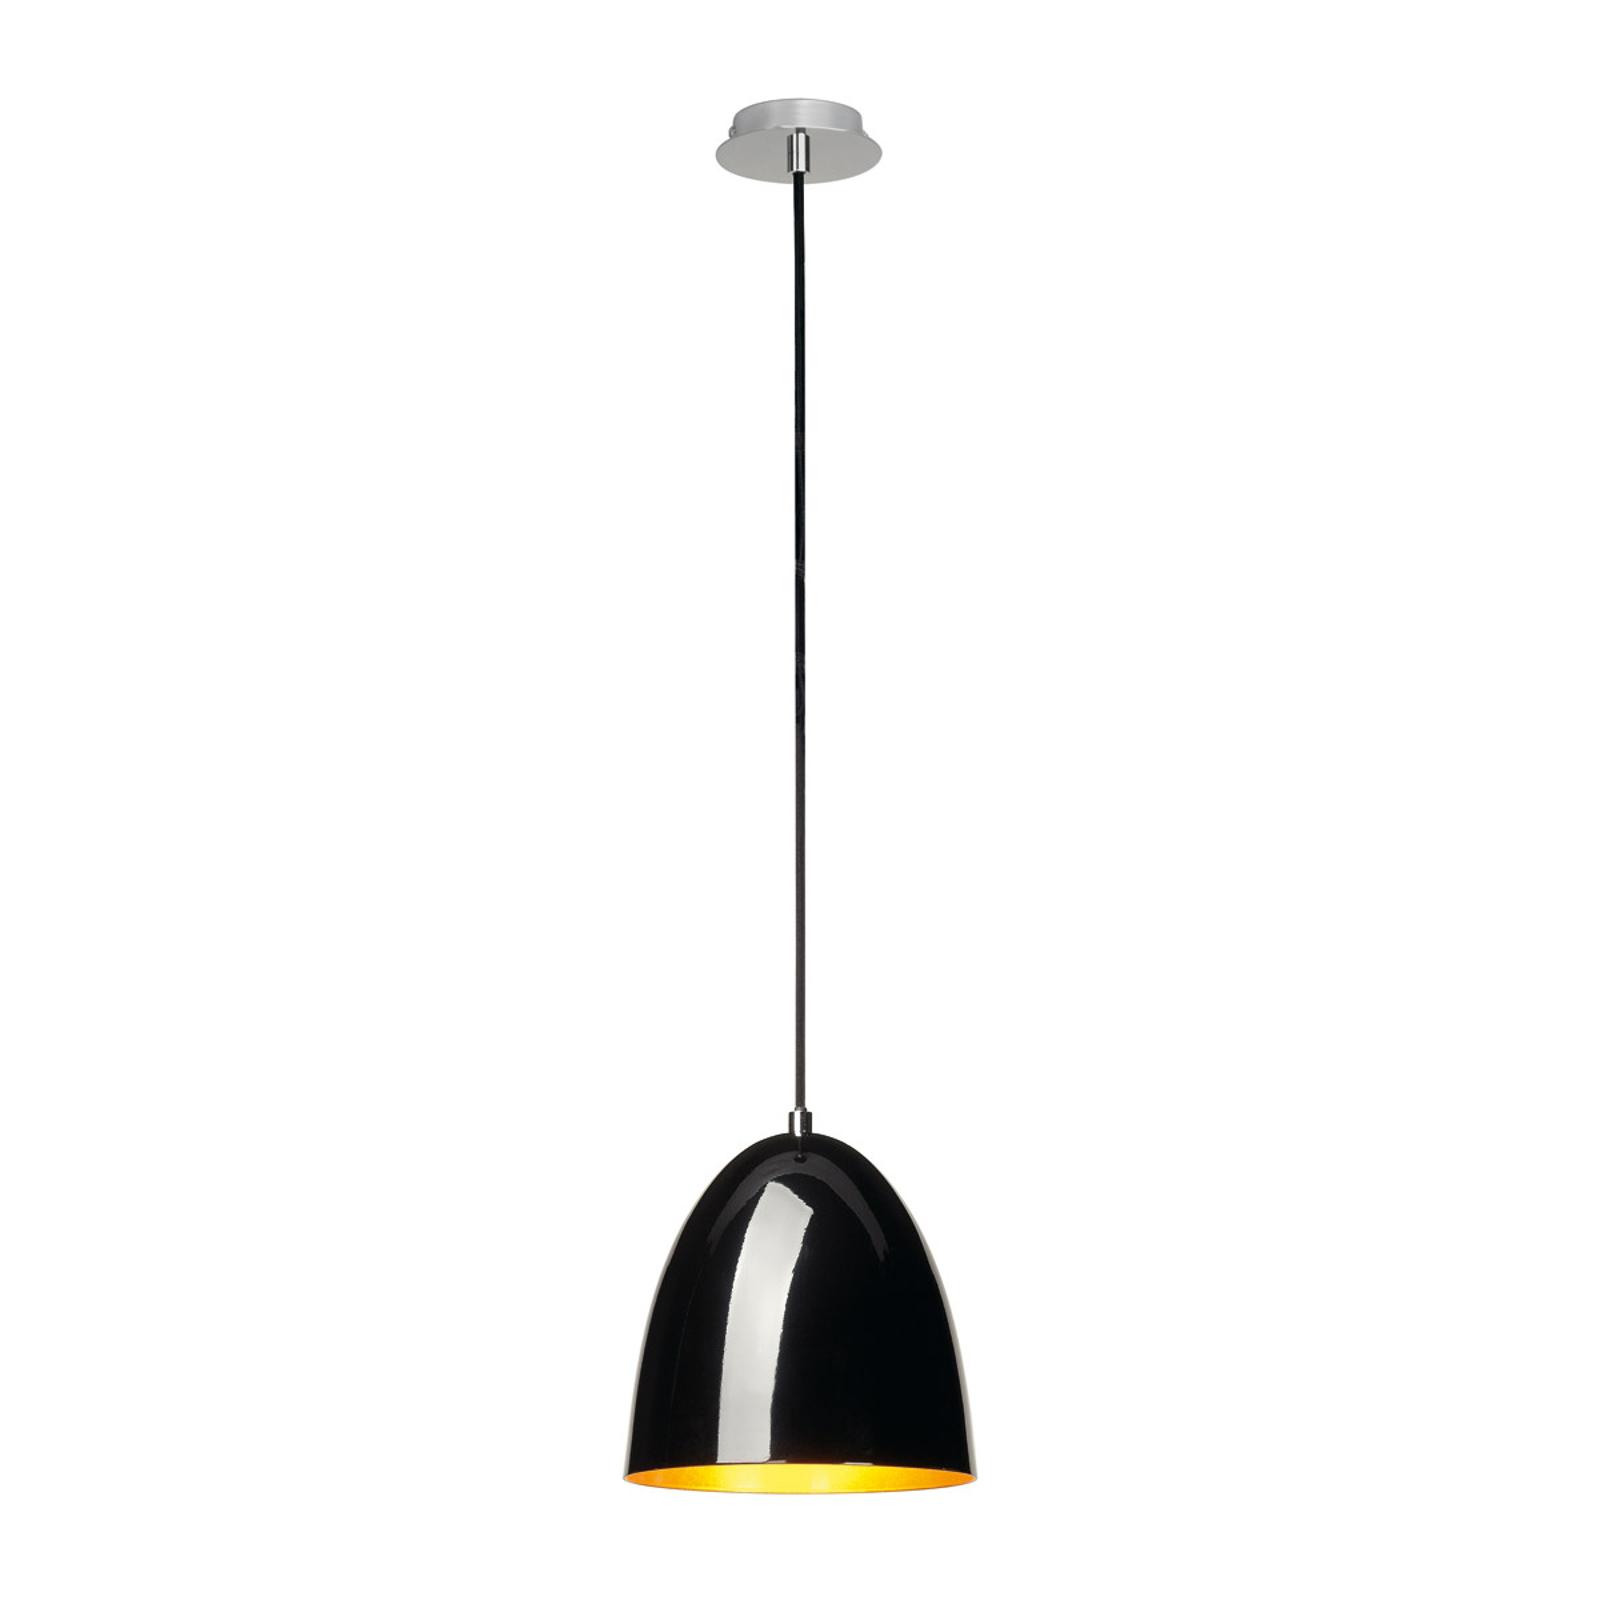 SLV Para Cone 20 lampa wisząca czarny/złoty